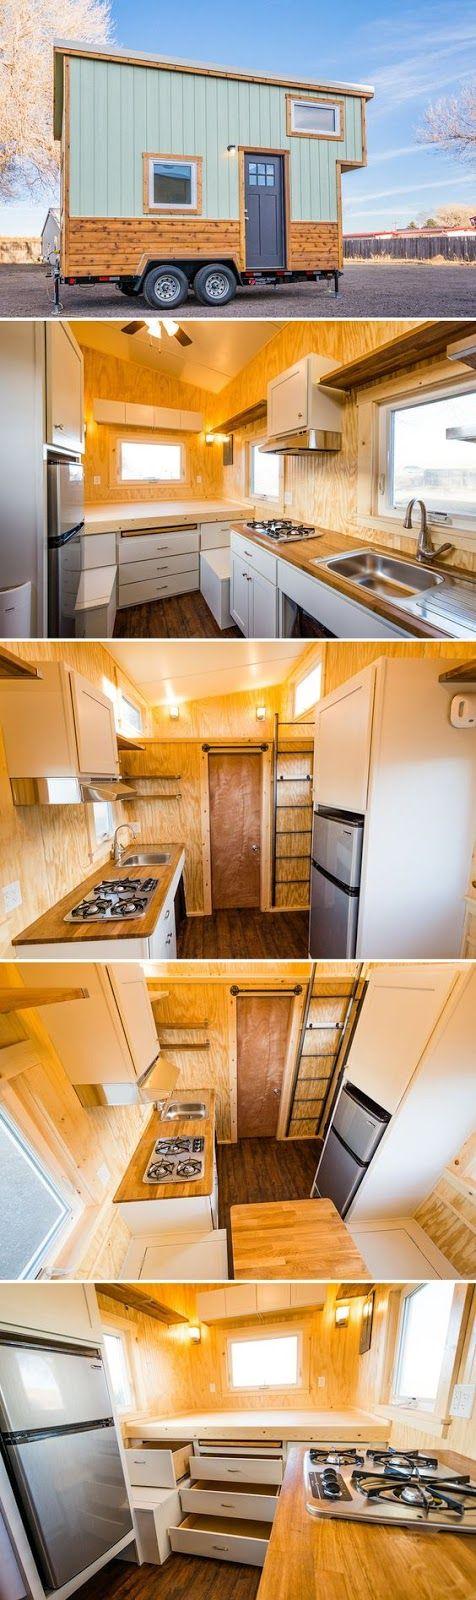 mytinyhousedirectory: Jessica's 16 ft. Tiny House by MitchCraft Tiny Hom...